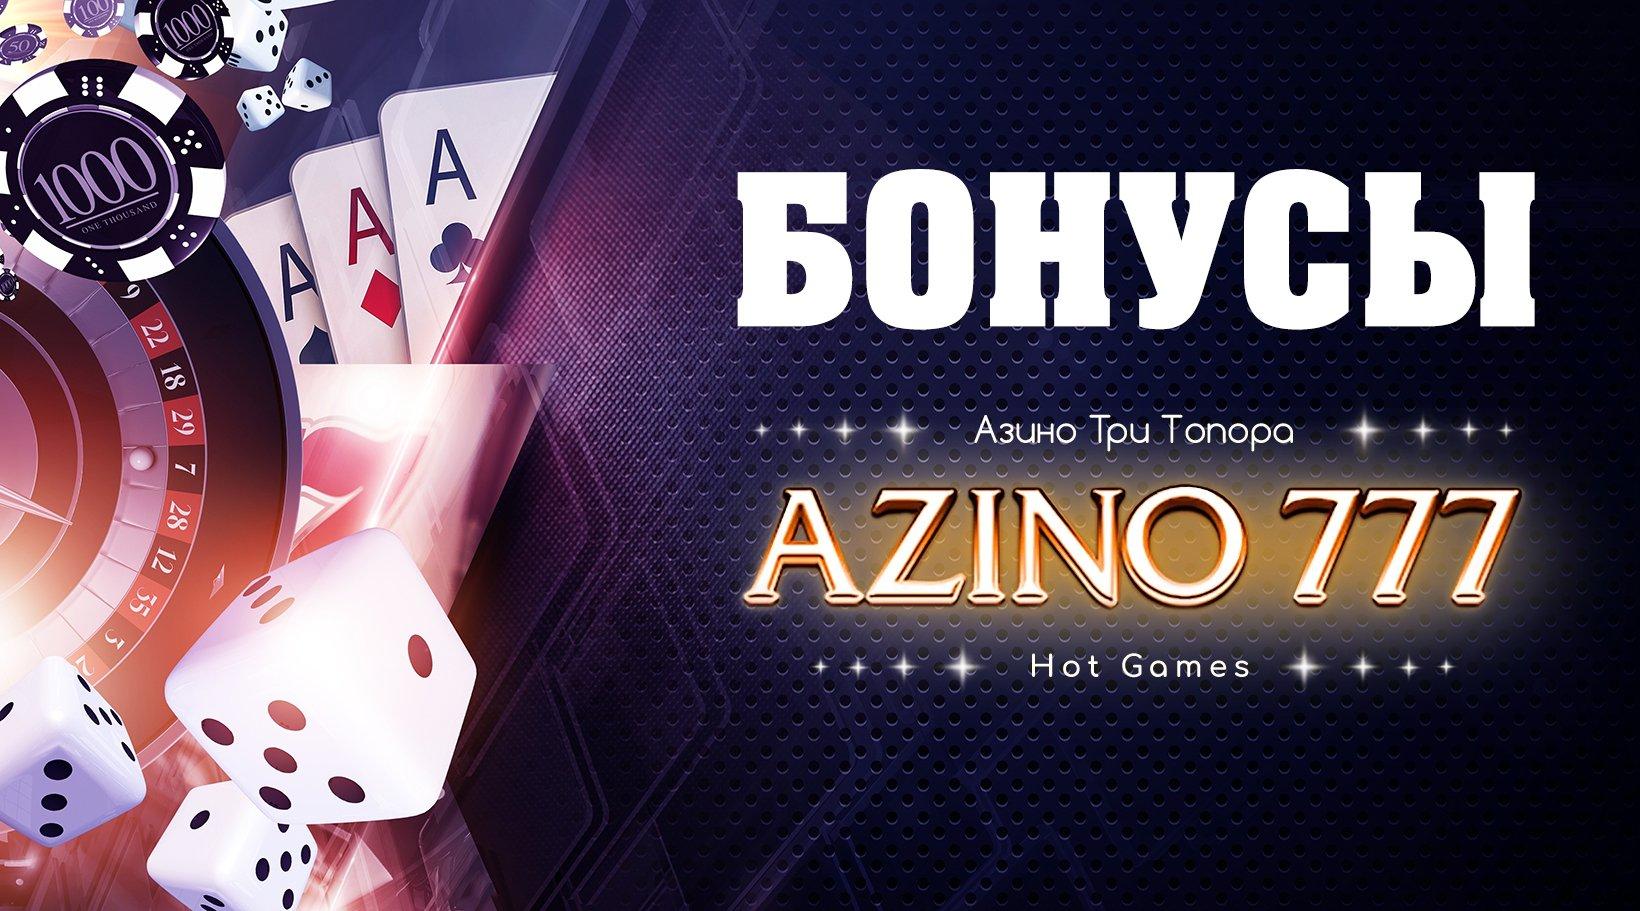 azino777 что за хрень